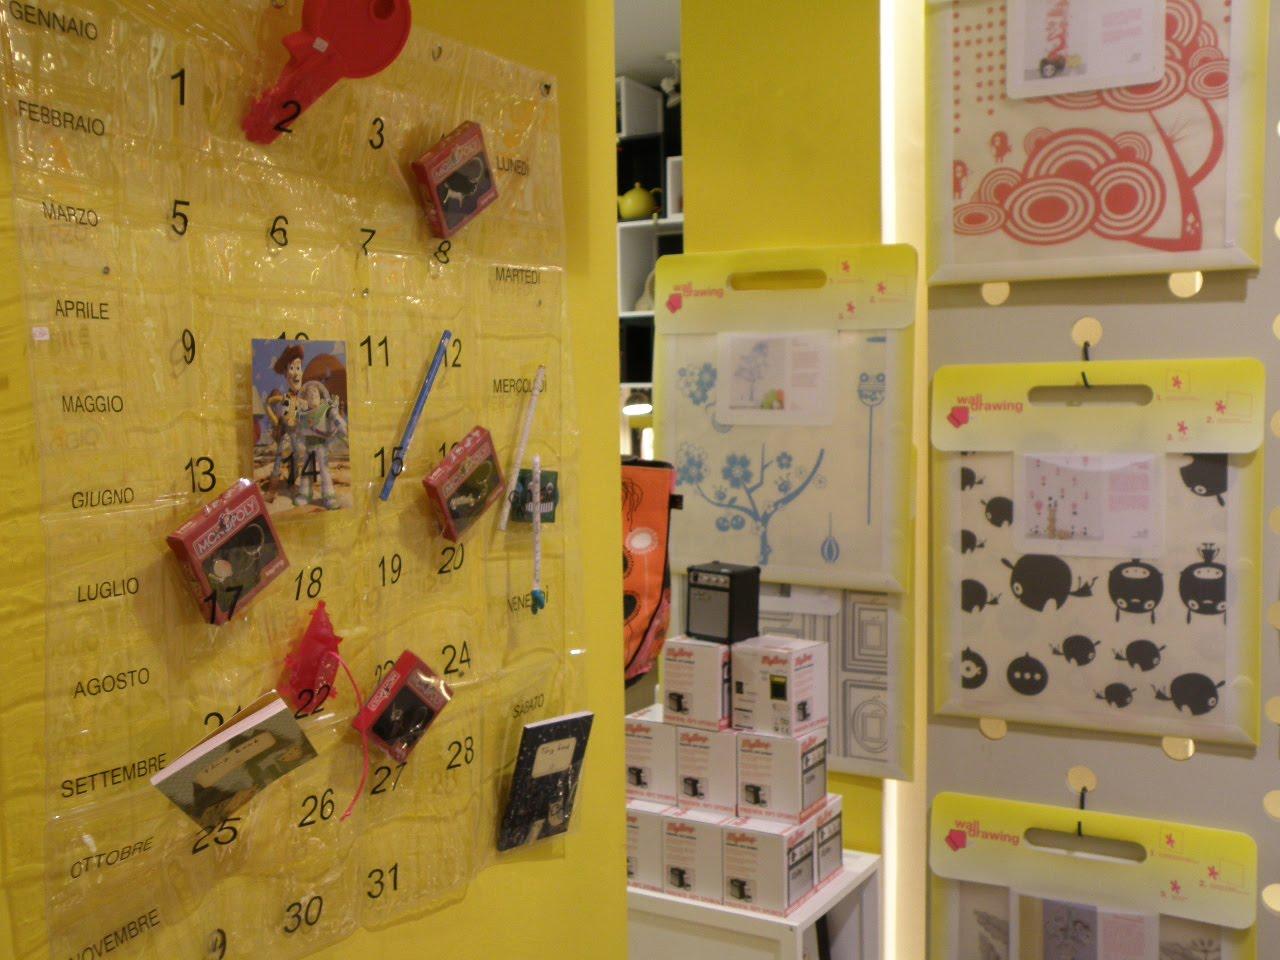 Fabrica features bologna arredamento di interni 2 for Arredamento interni bologna